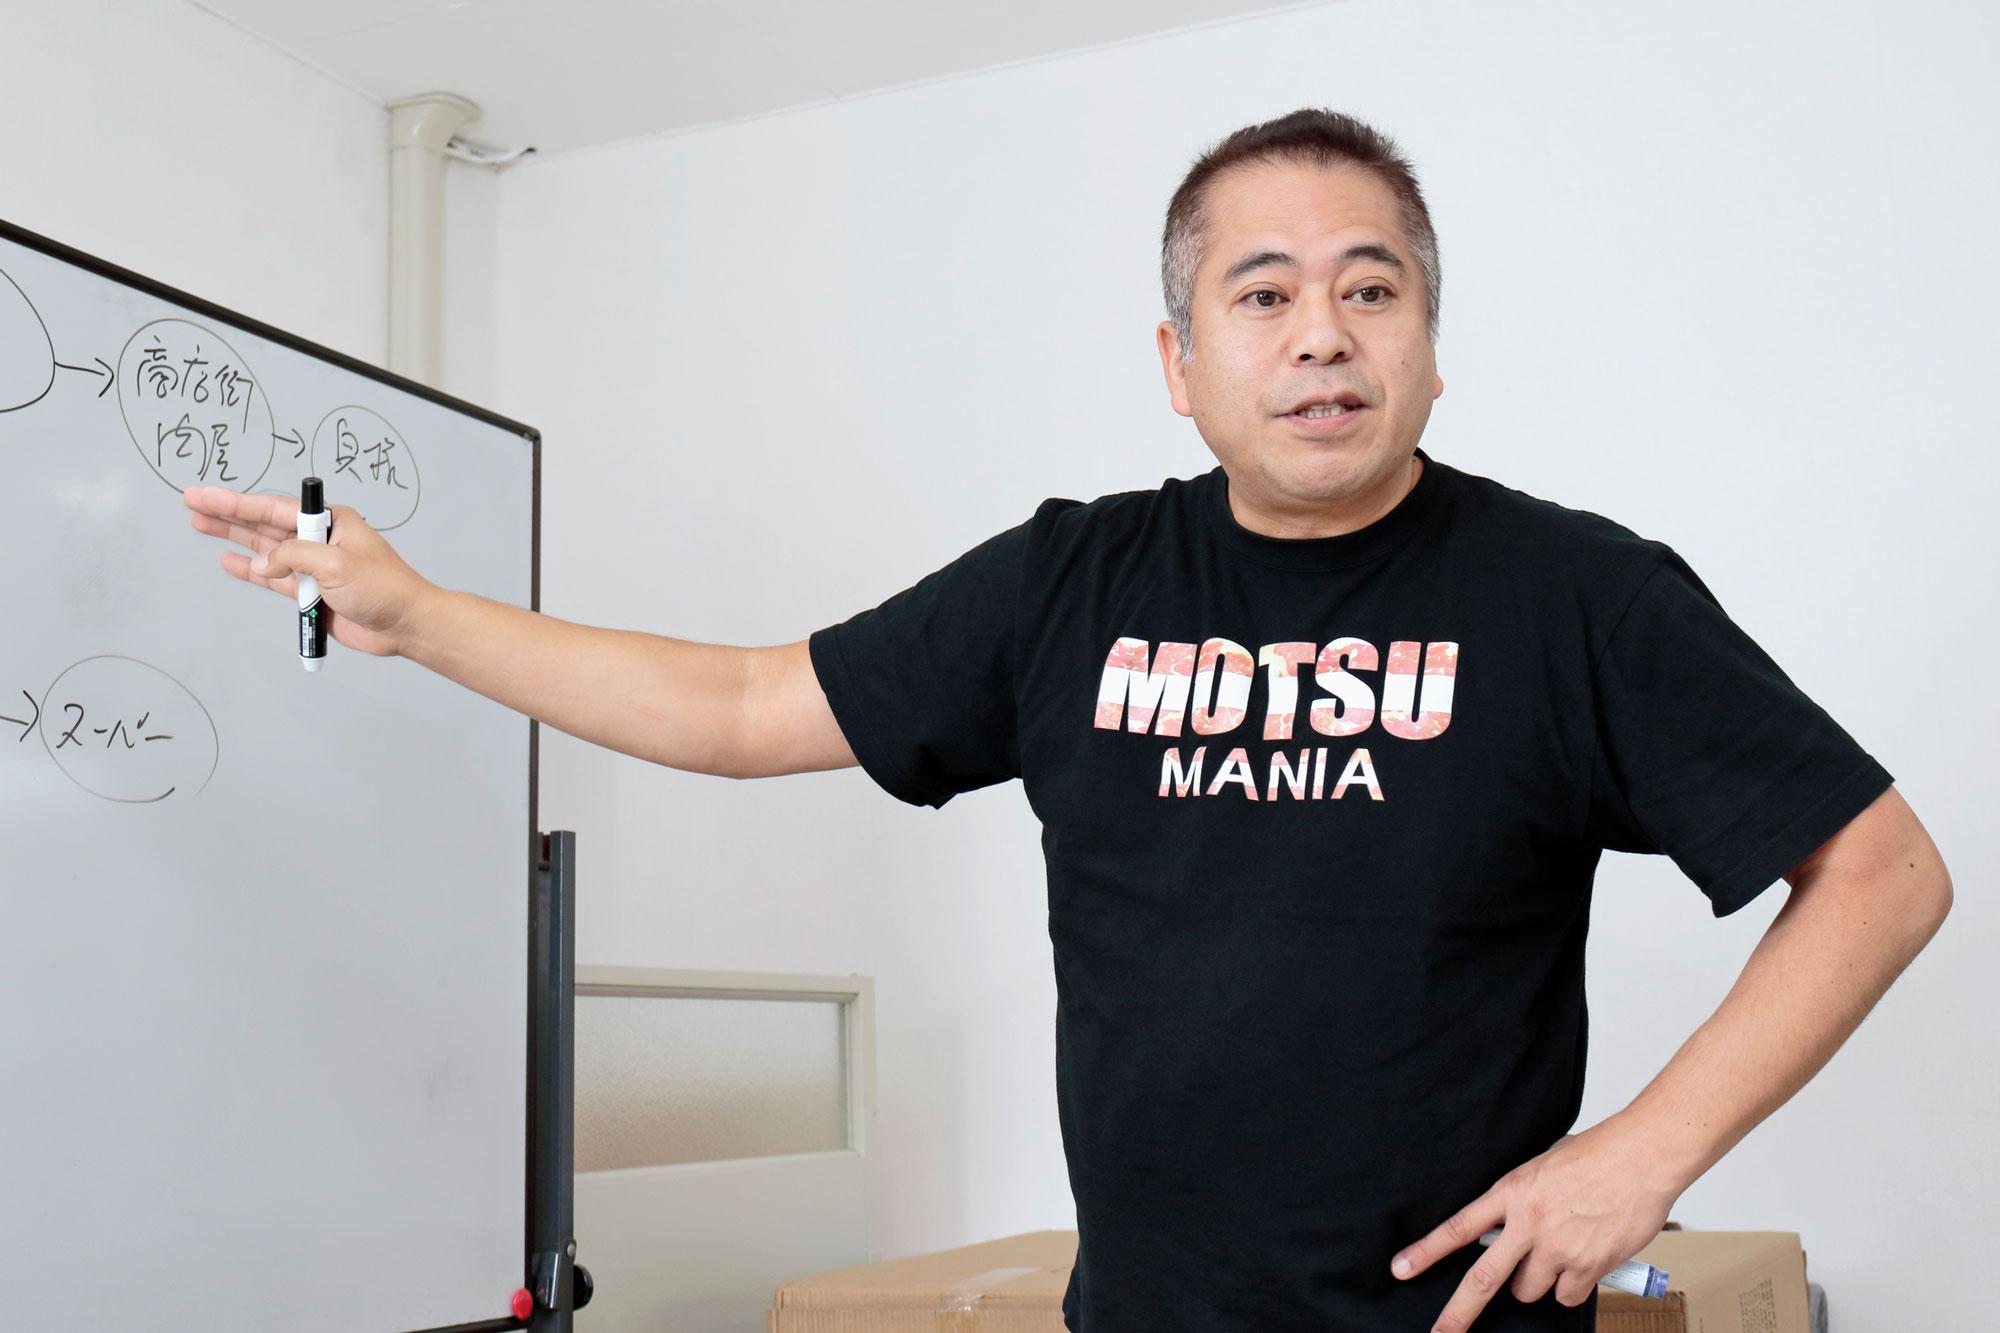 ドリーマーズ株式会社 中村正利 代表取締役社長 インタビュー画像 前編1